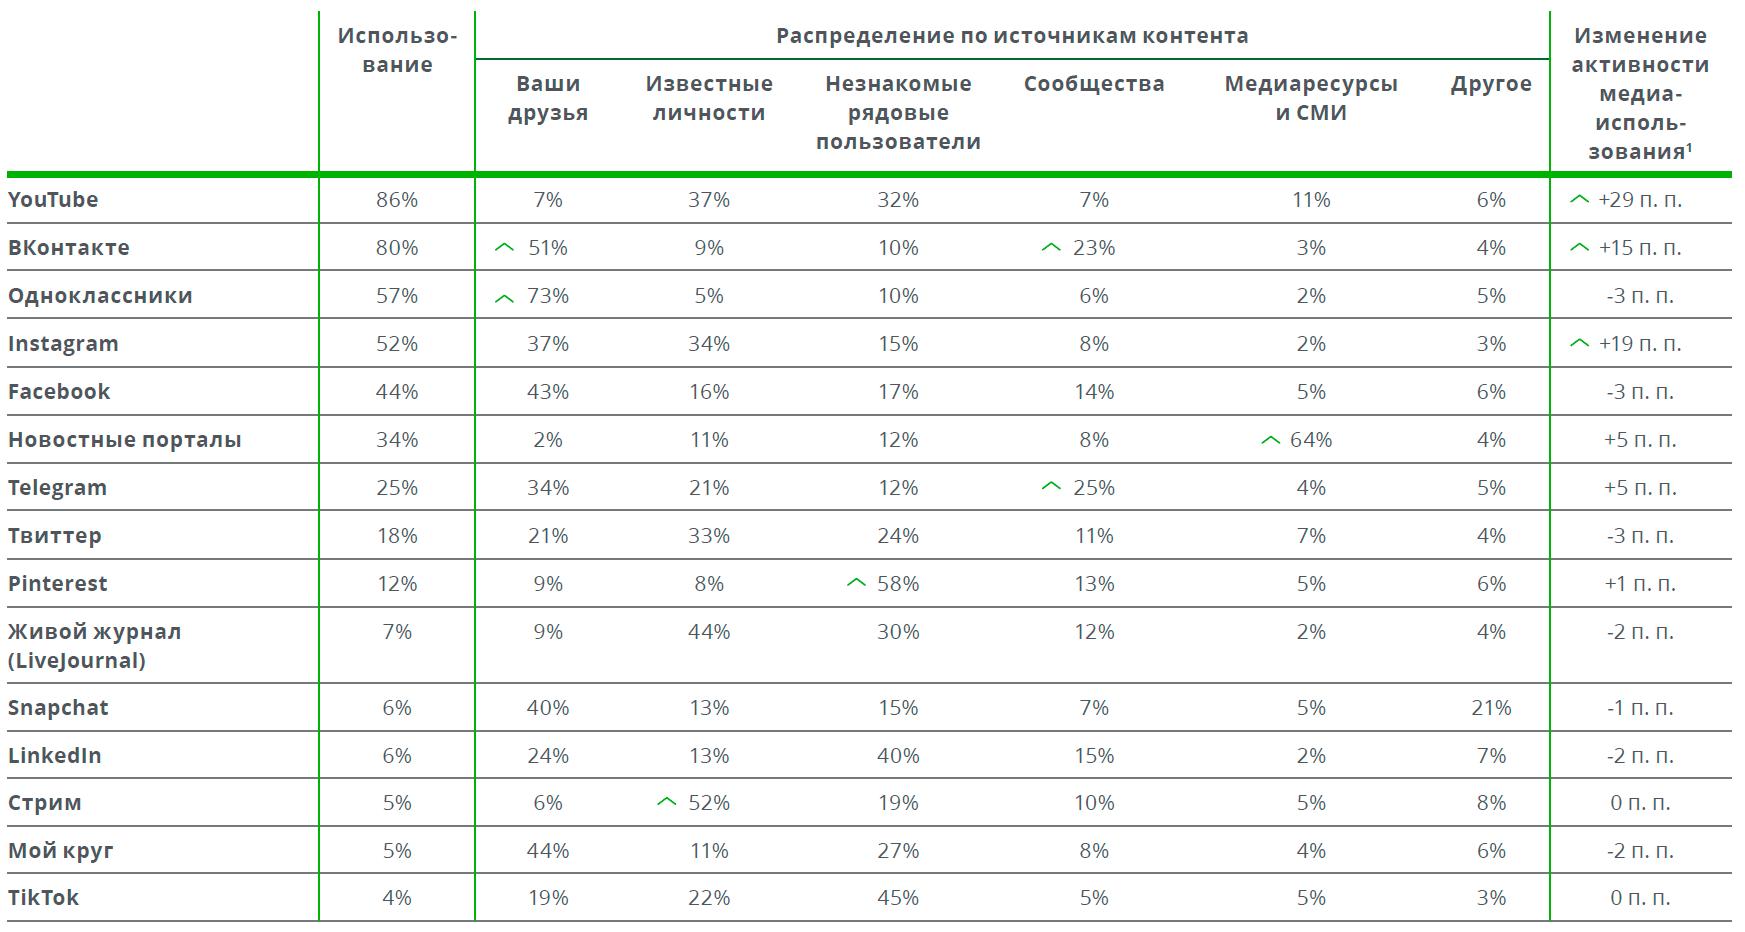 Россияне больше не доверяют ТВ, интернет вышел на 1-е место с большим отрывом - 3